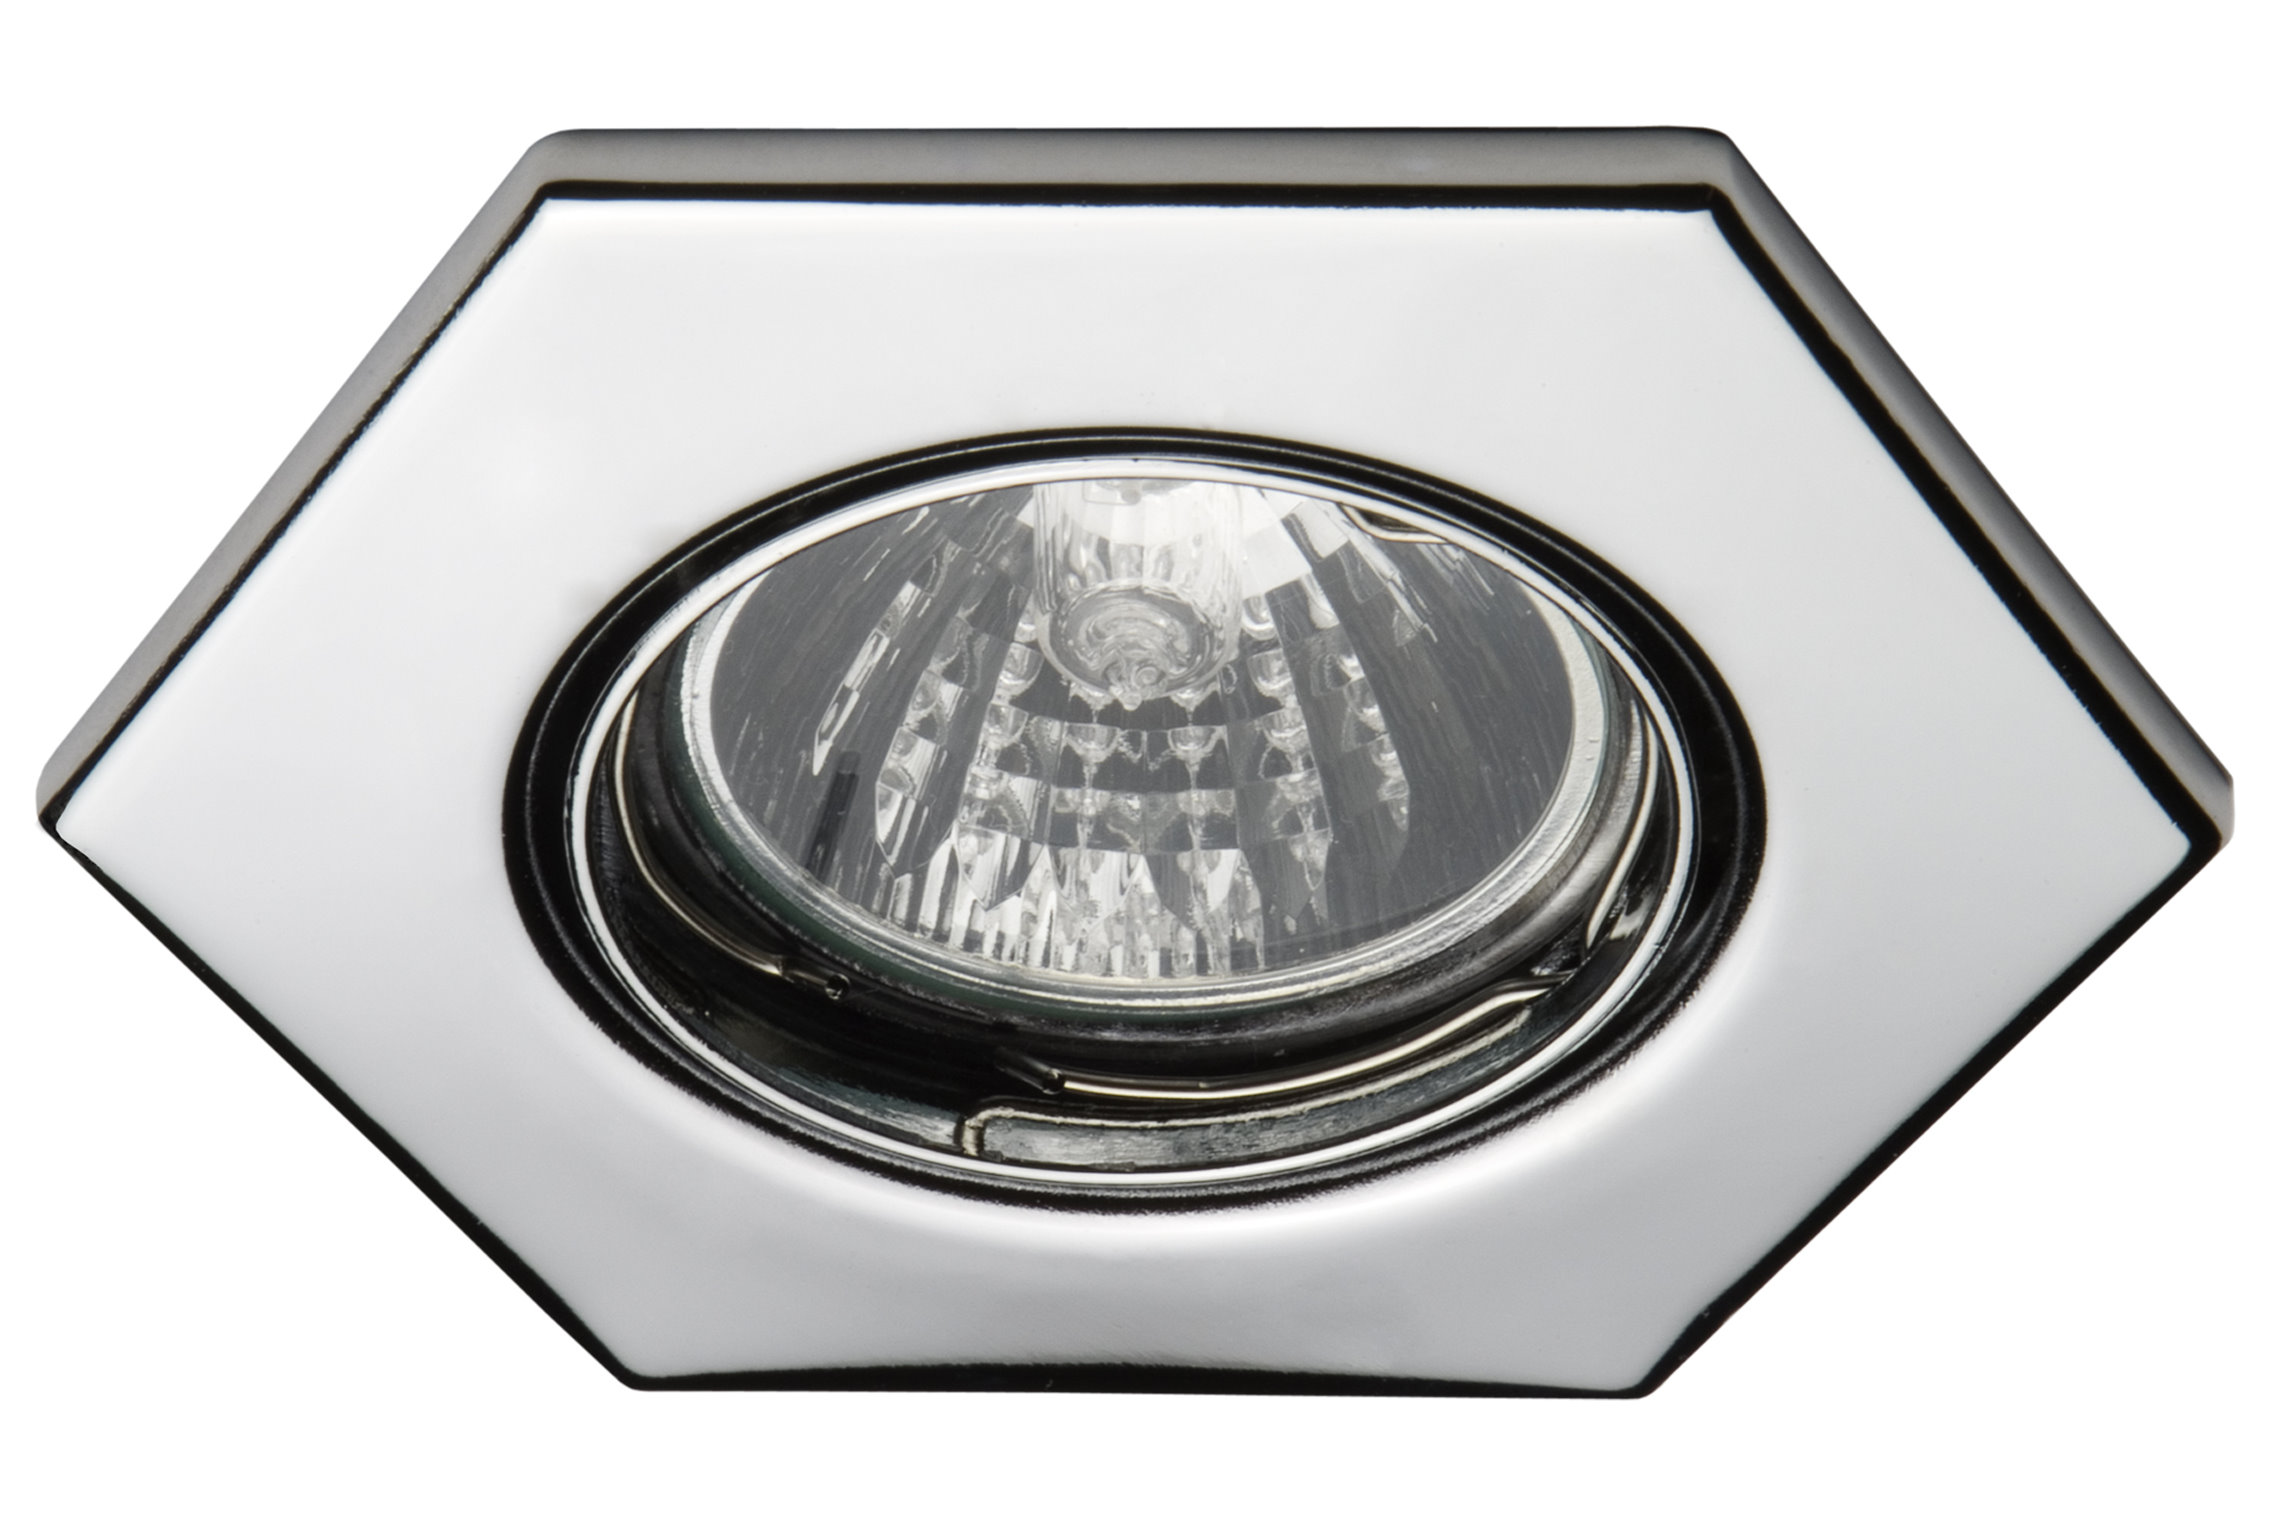 halogen led deckeneinbaustrahler 12 v einbaulampe deckenstrahler einbauspot ebay. Black Bedroom Furniture Sets. Home Design Ideas